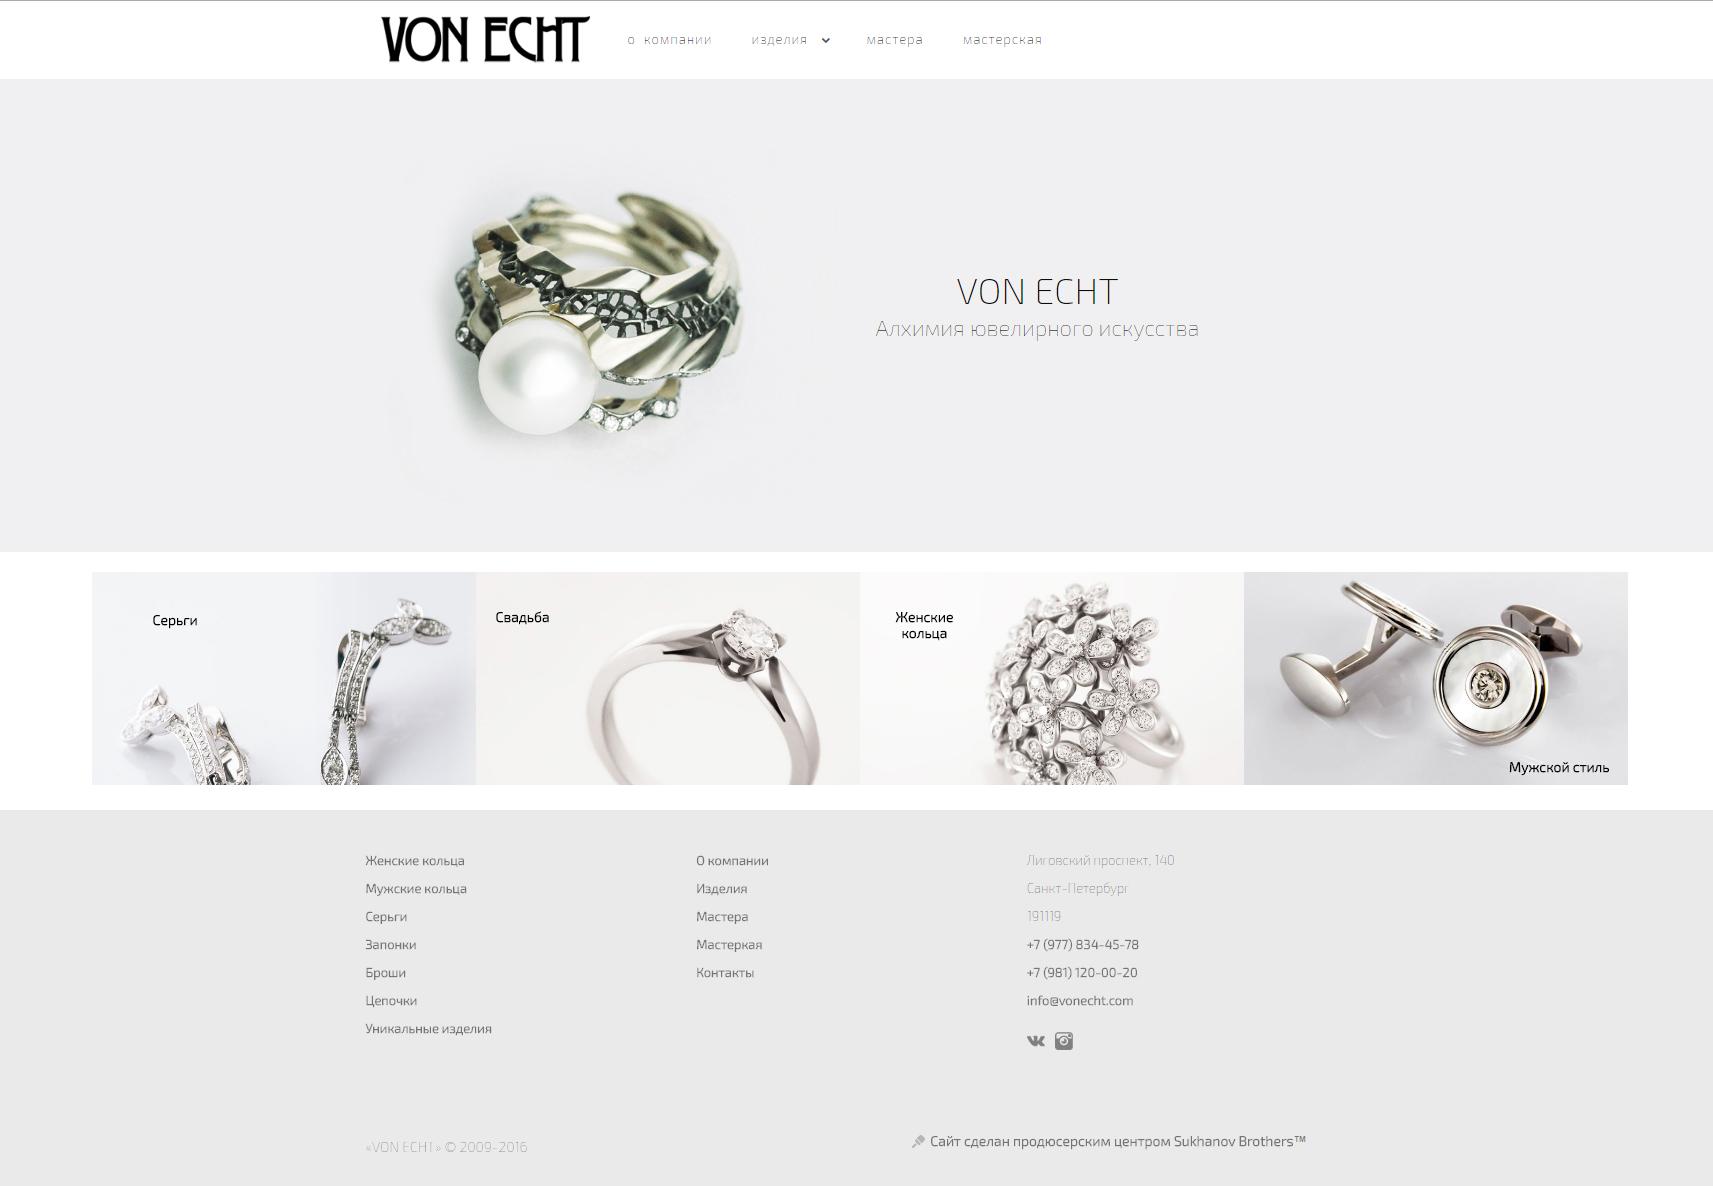 Сколько стоит создать сайт для ювелирной компании Von Echt